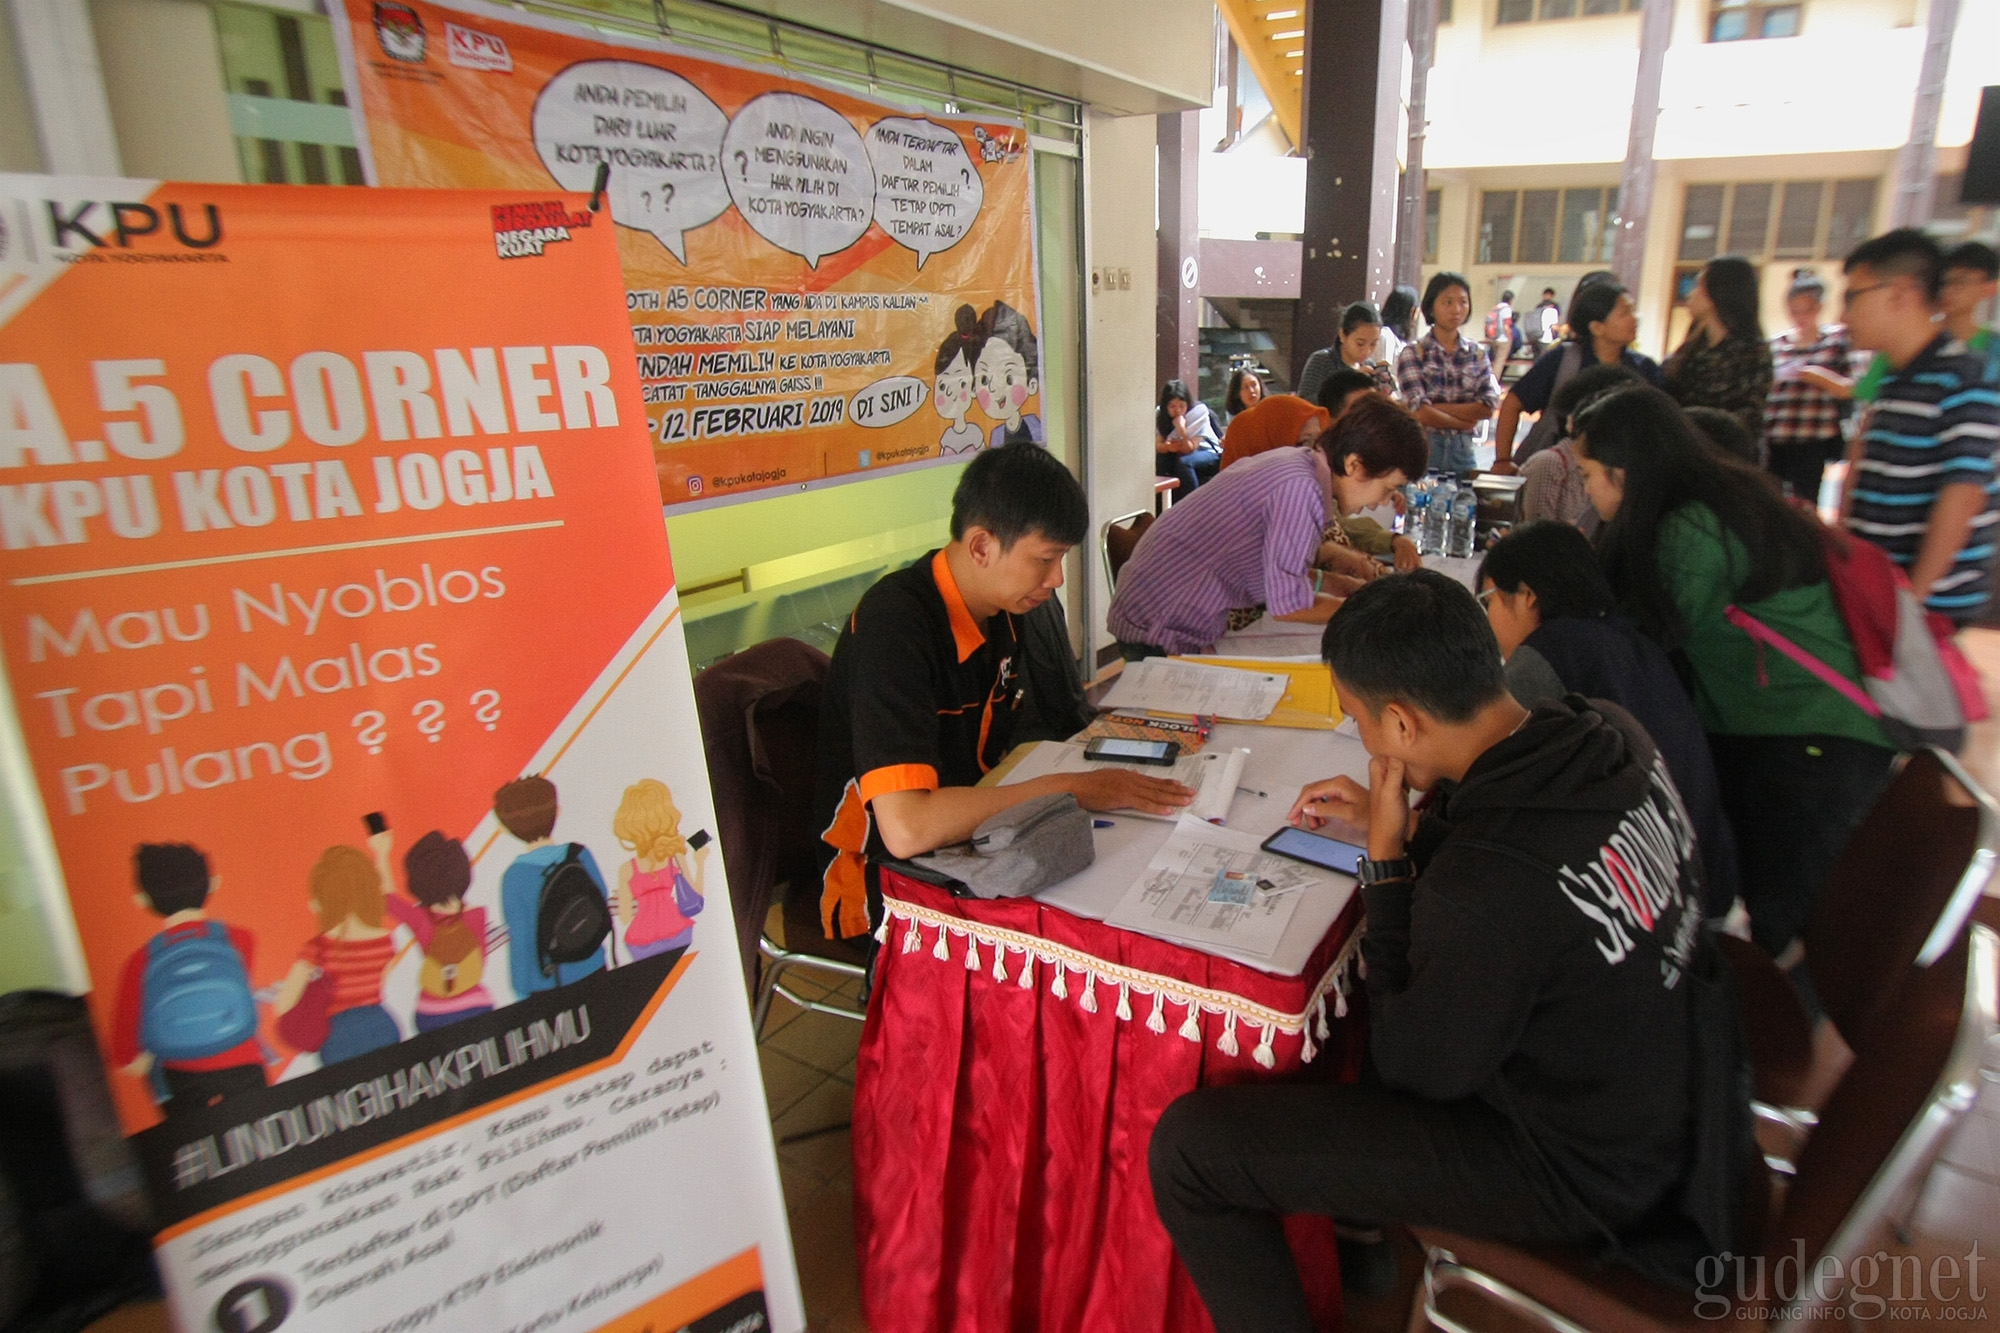 A5 Corner Permudah Mahasiswa Luar Yogya untuk Ikut Pemilu 2019